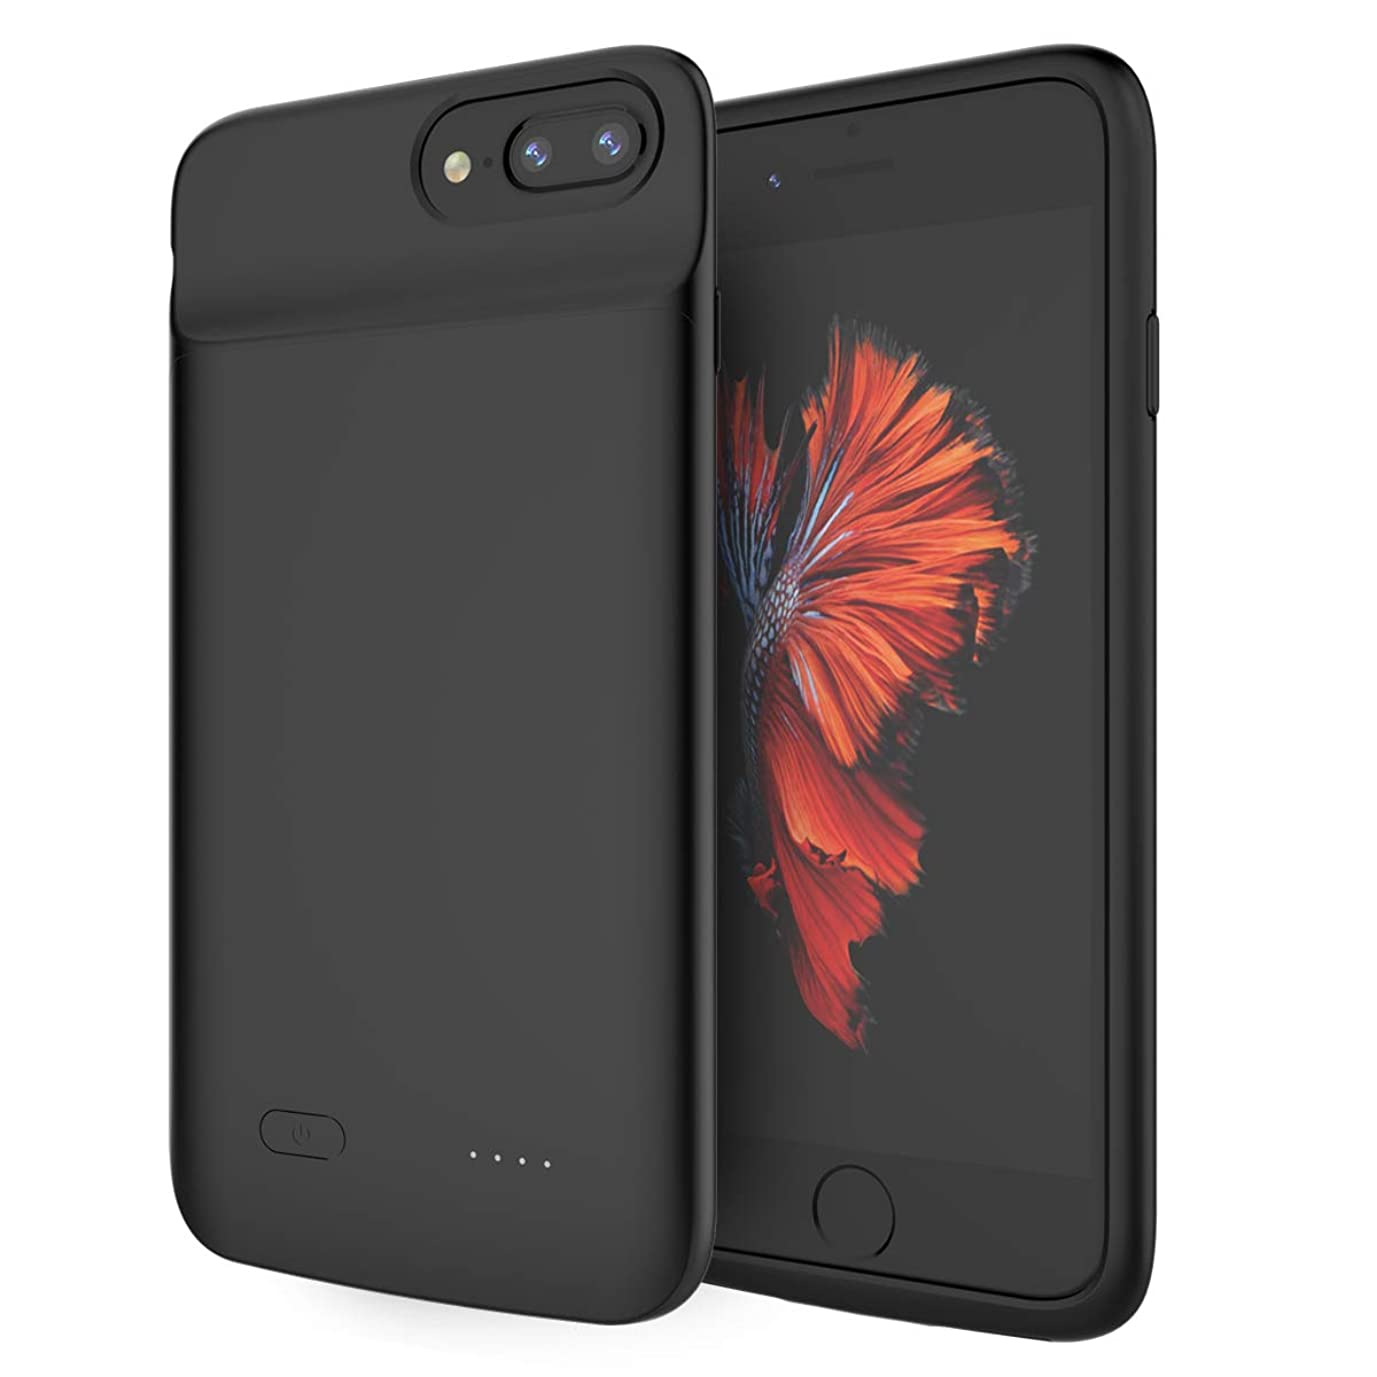 確かめる注釈を付ける花火iPhone 6 Plus iPhone 6s Plus iPhone 7 Plus iPhone 8 Plus 5.5inch 5000mah Battery Charger バッテリーケース、超薄型 ポータブル充電器ケース充電式拡張バッテリパック保護バックアップ充電ケースカバー 用の高速充電機能 黑